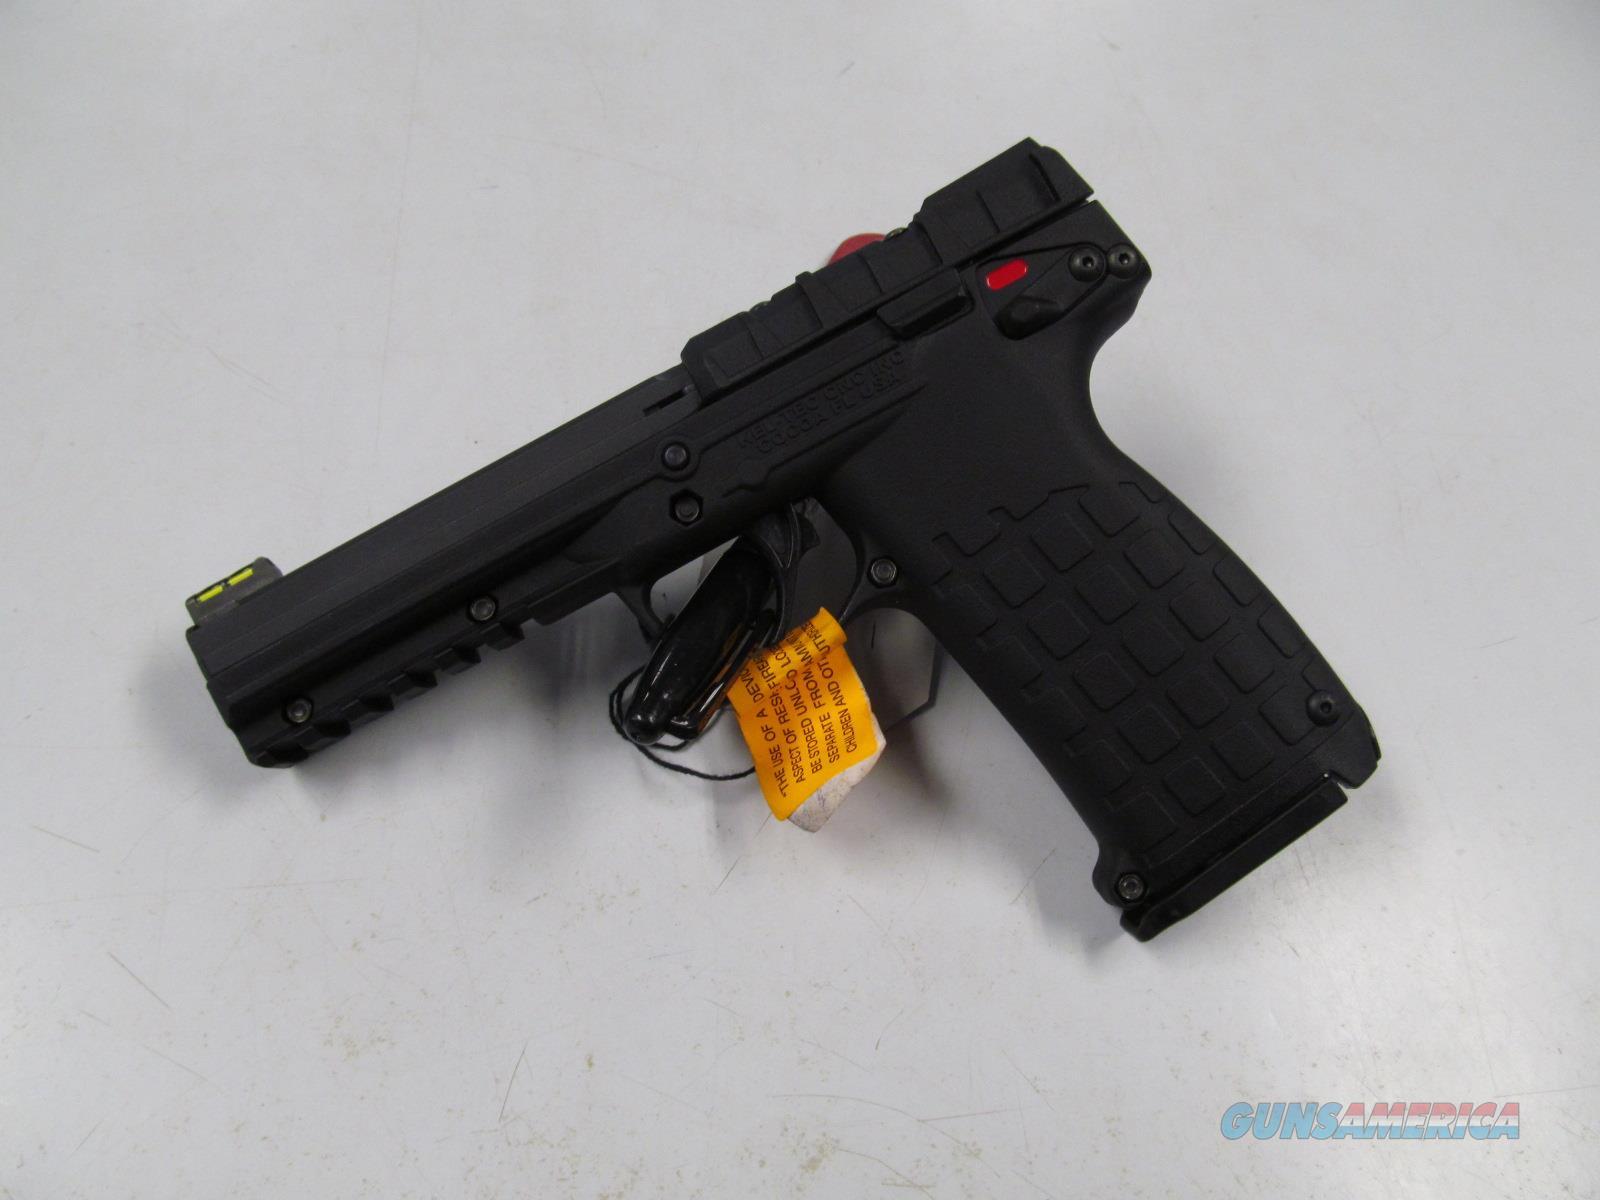 Kel-Tec PMR-30  Guns > Pistols > Kel-Tec Pistols > Other